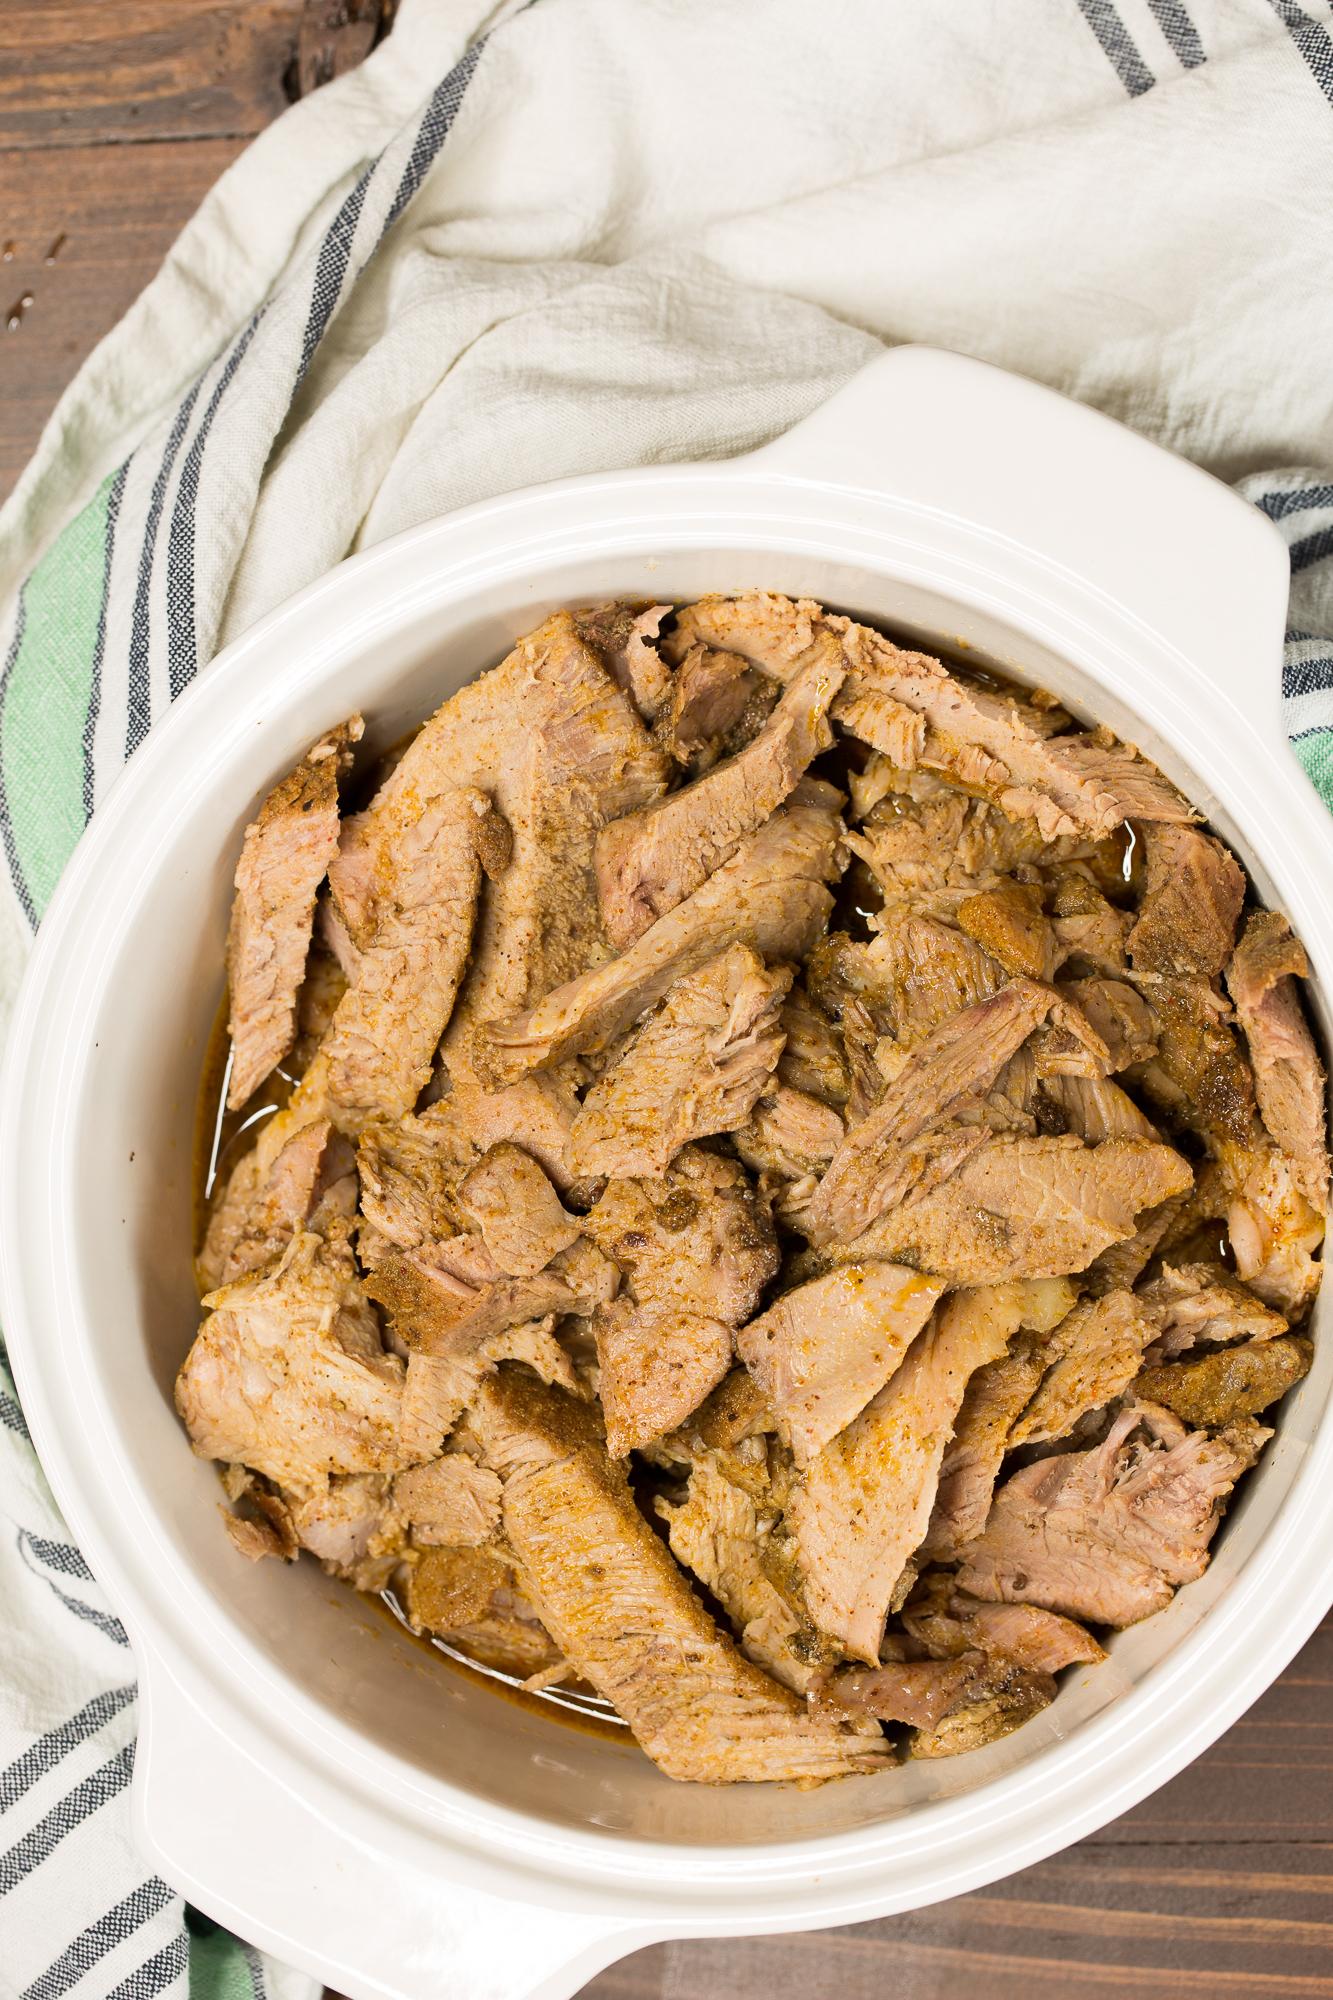 pulled braised pork roast